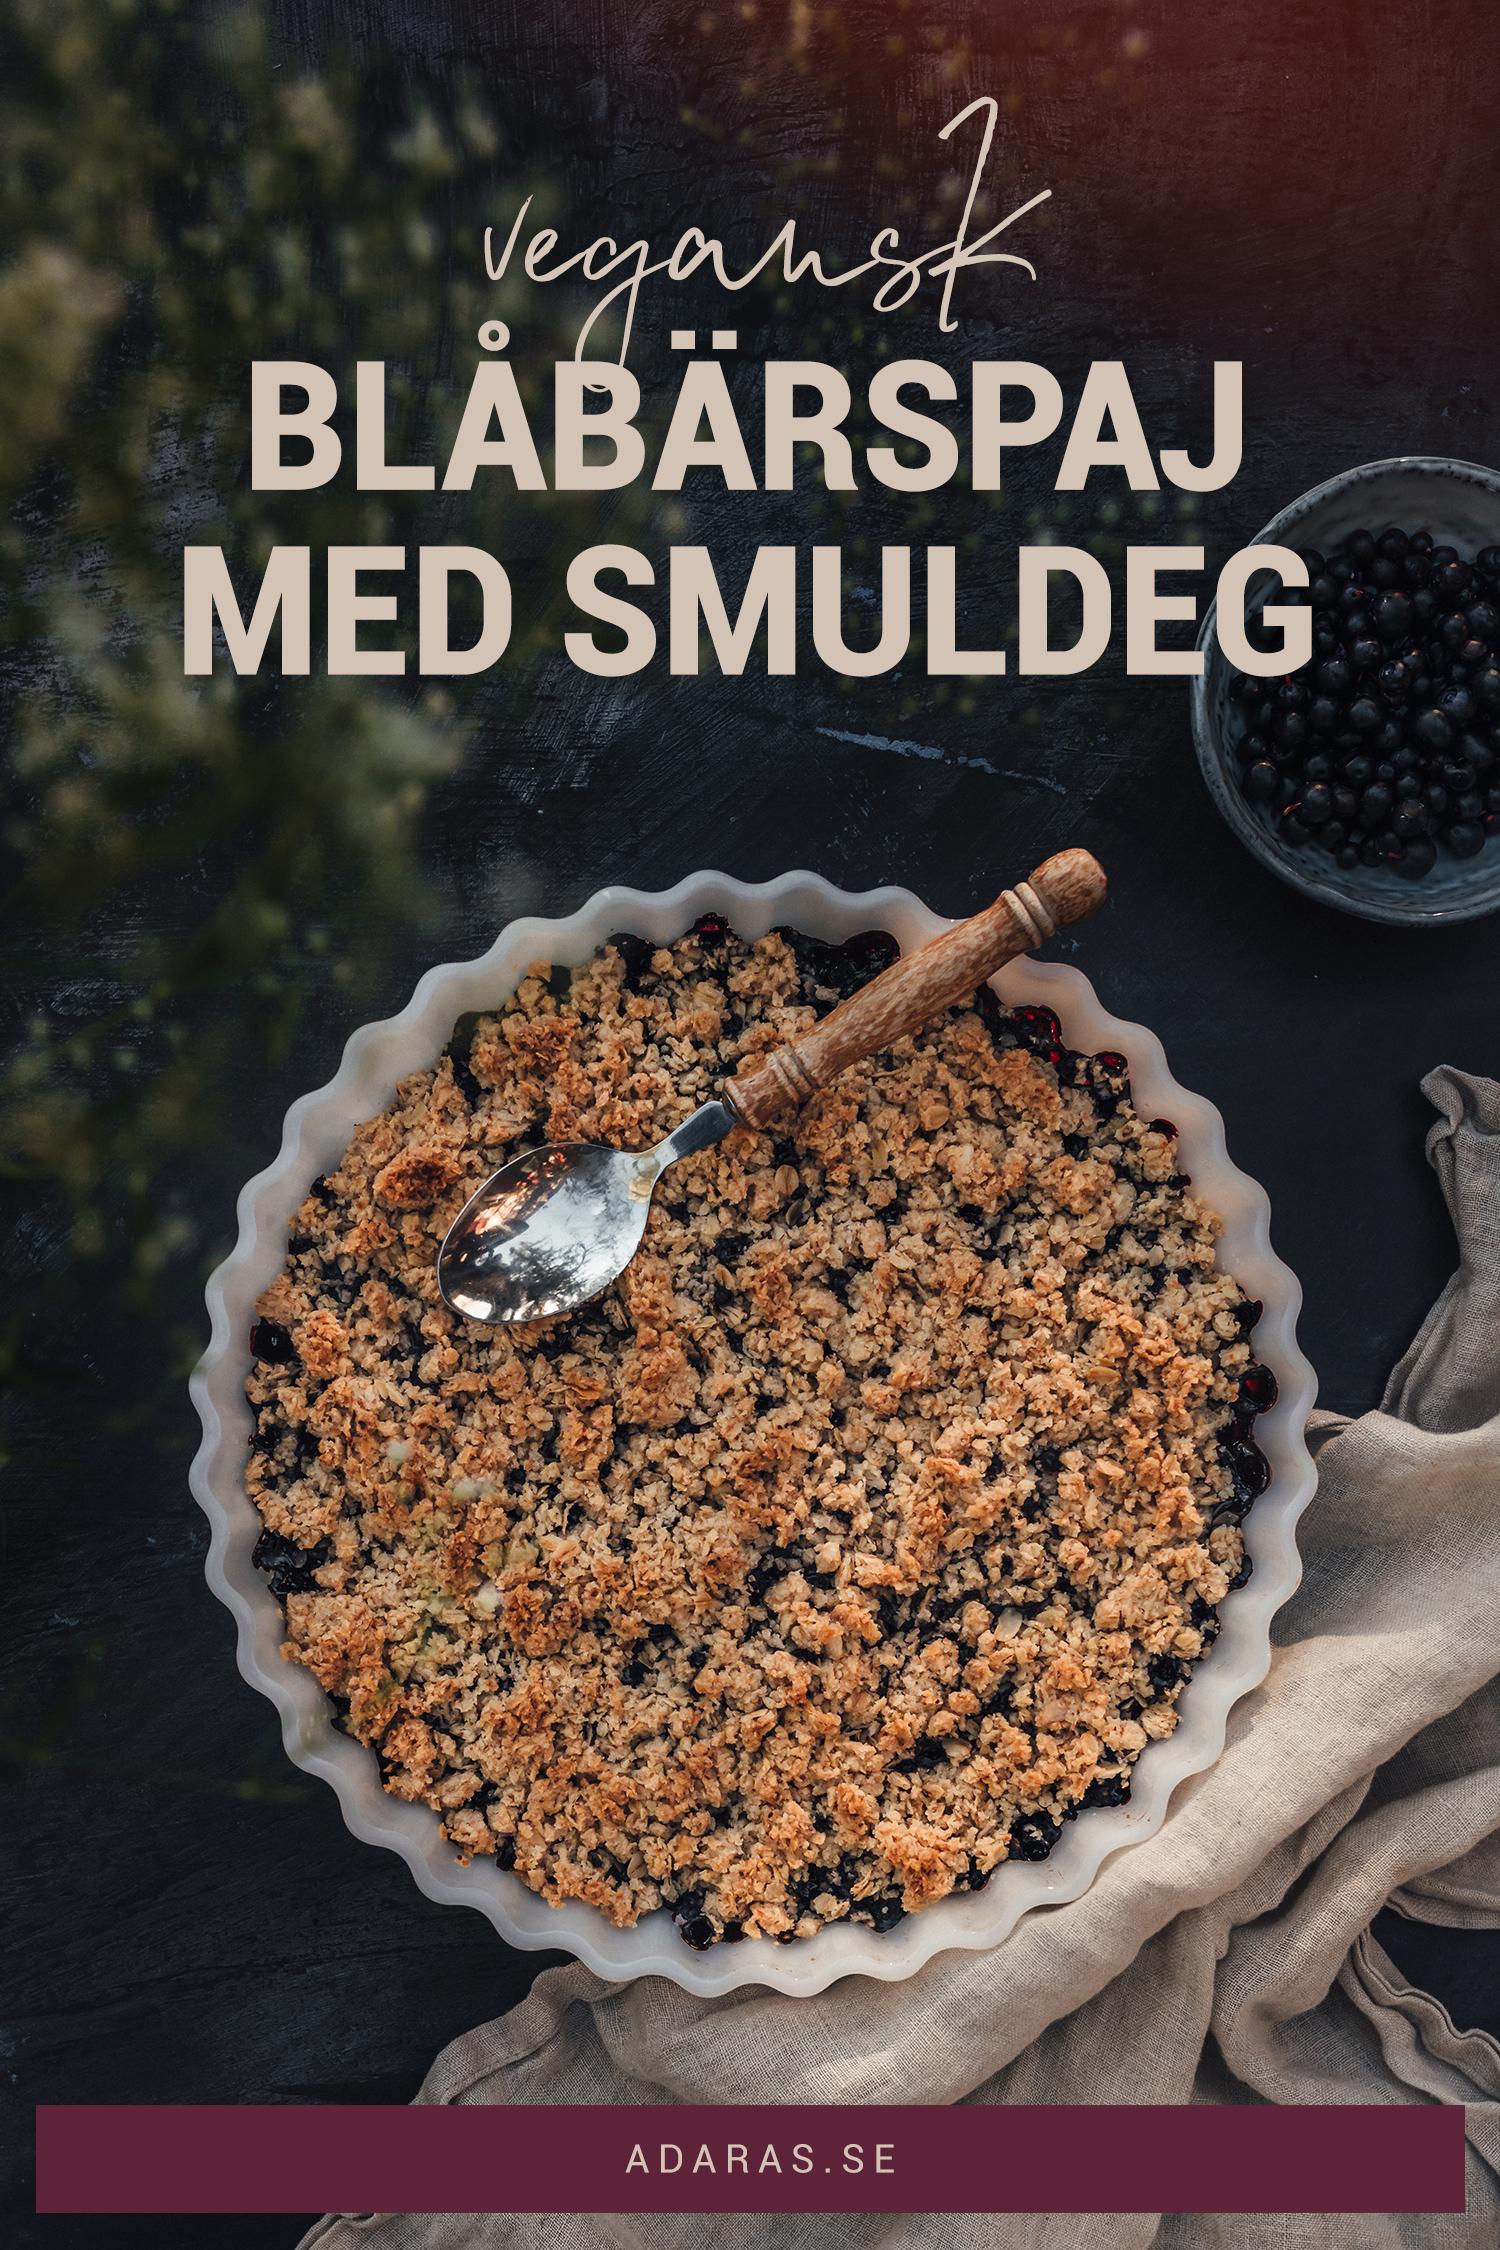 Recept - Vegansk blåbärspaj med smuldeg